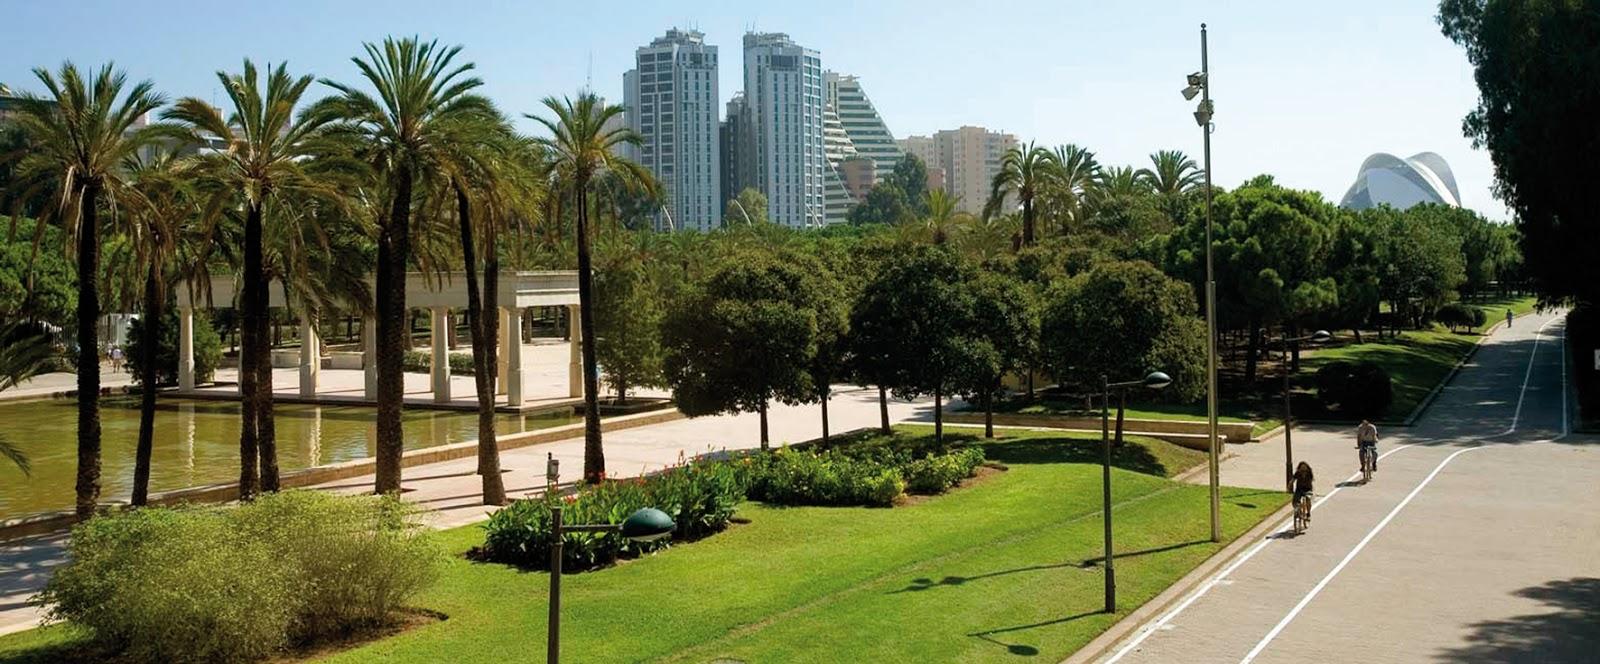 Folding style valencia escursione al parco naturale - Jardin del turia valencia ...